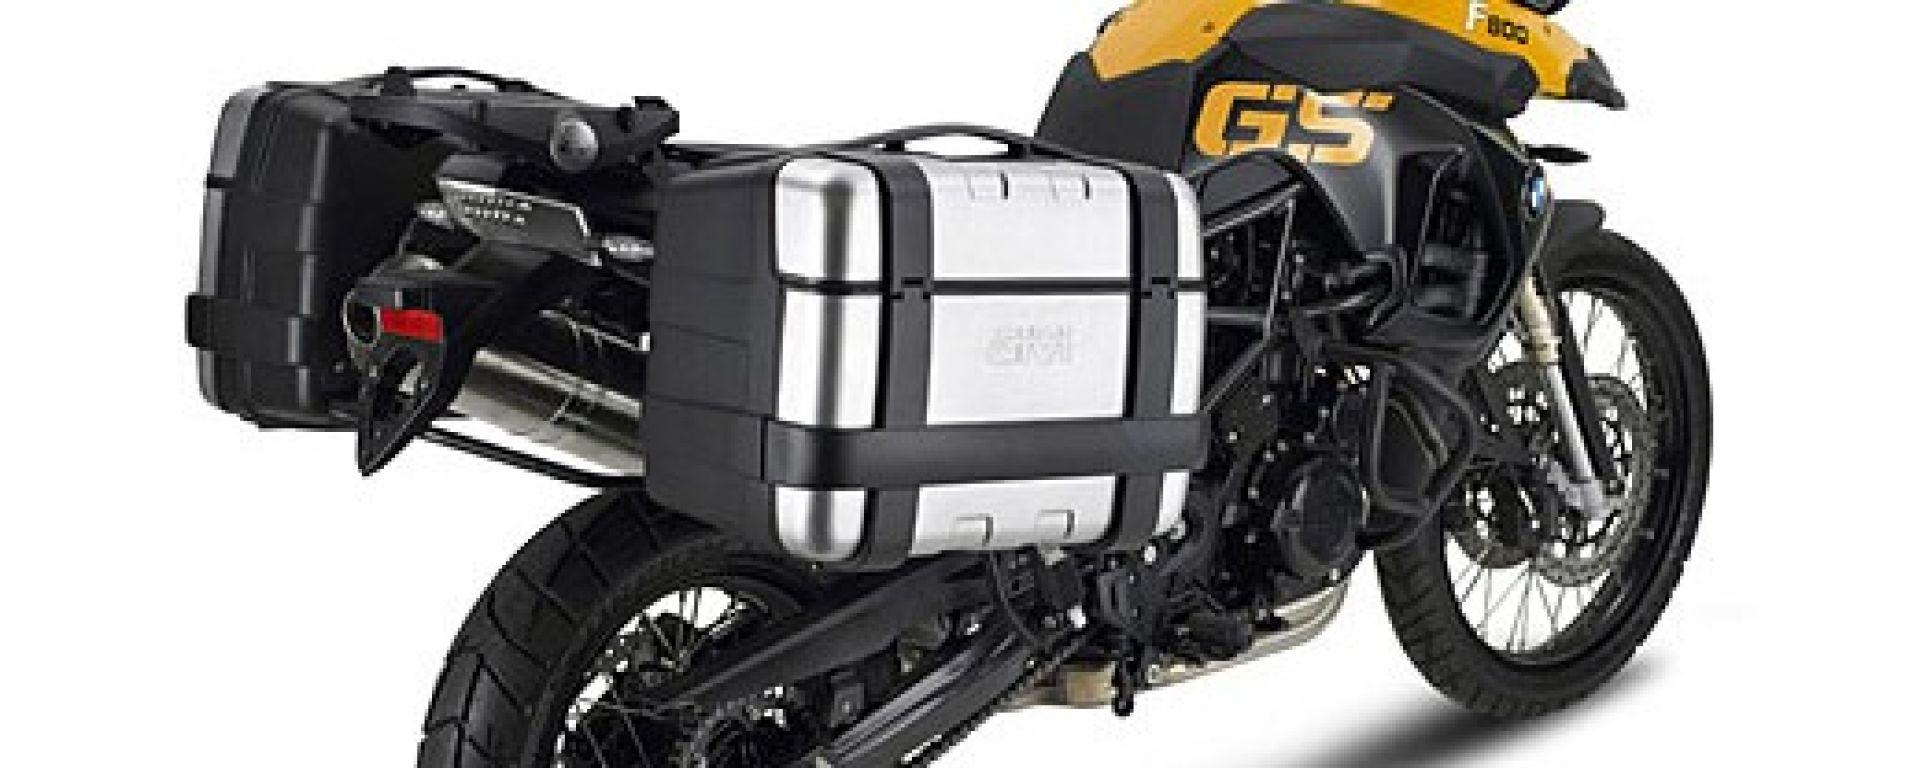 GIVI: Trekker valigie per l'enduro